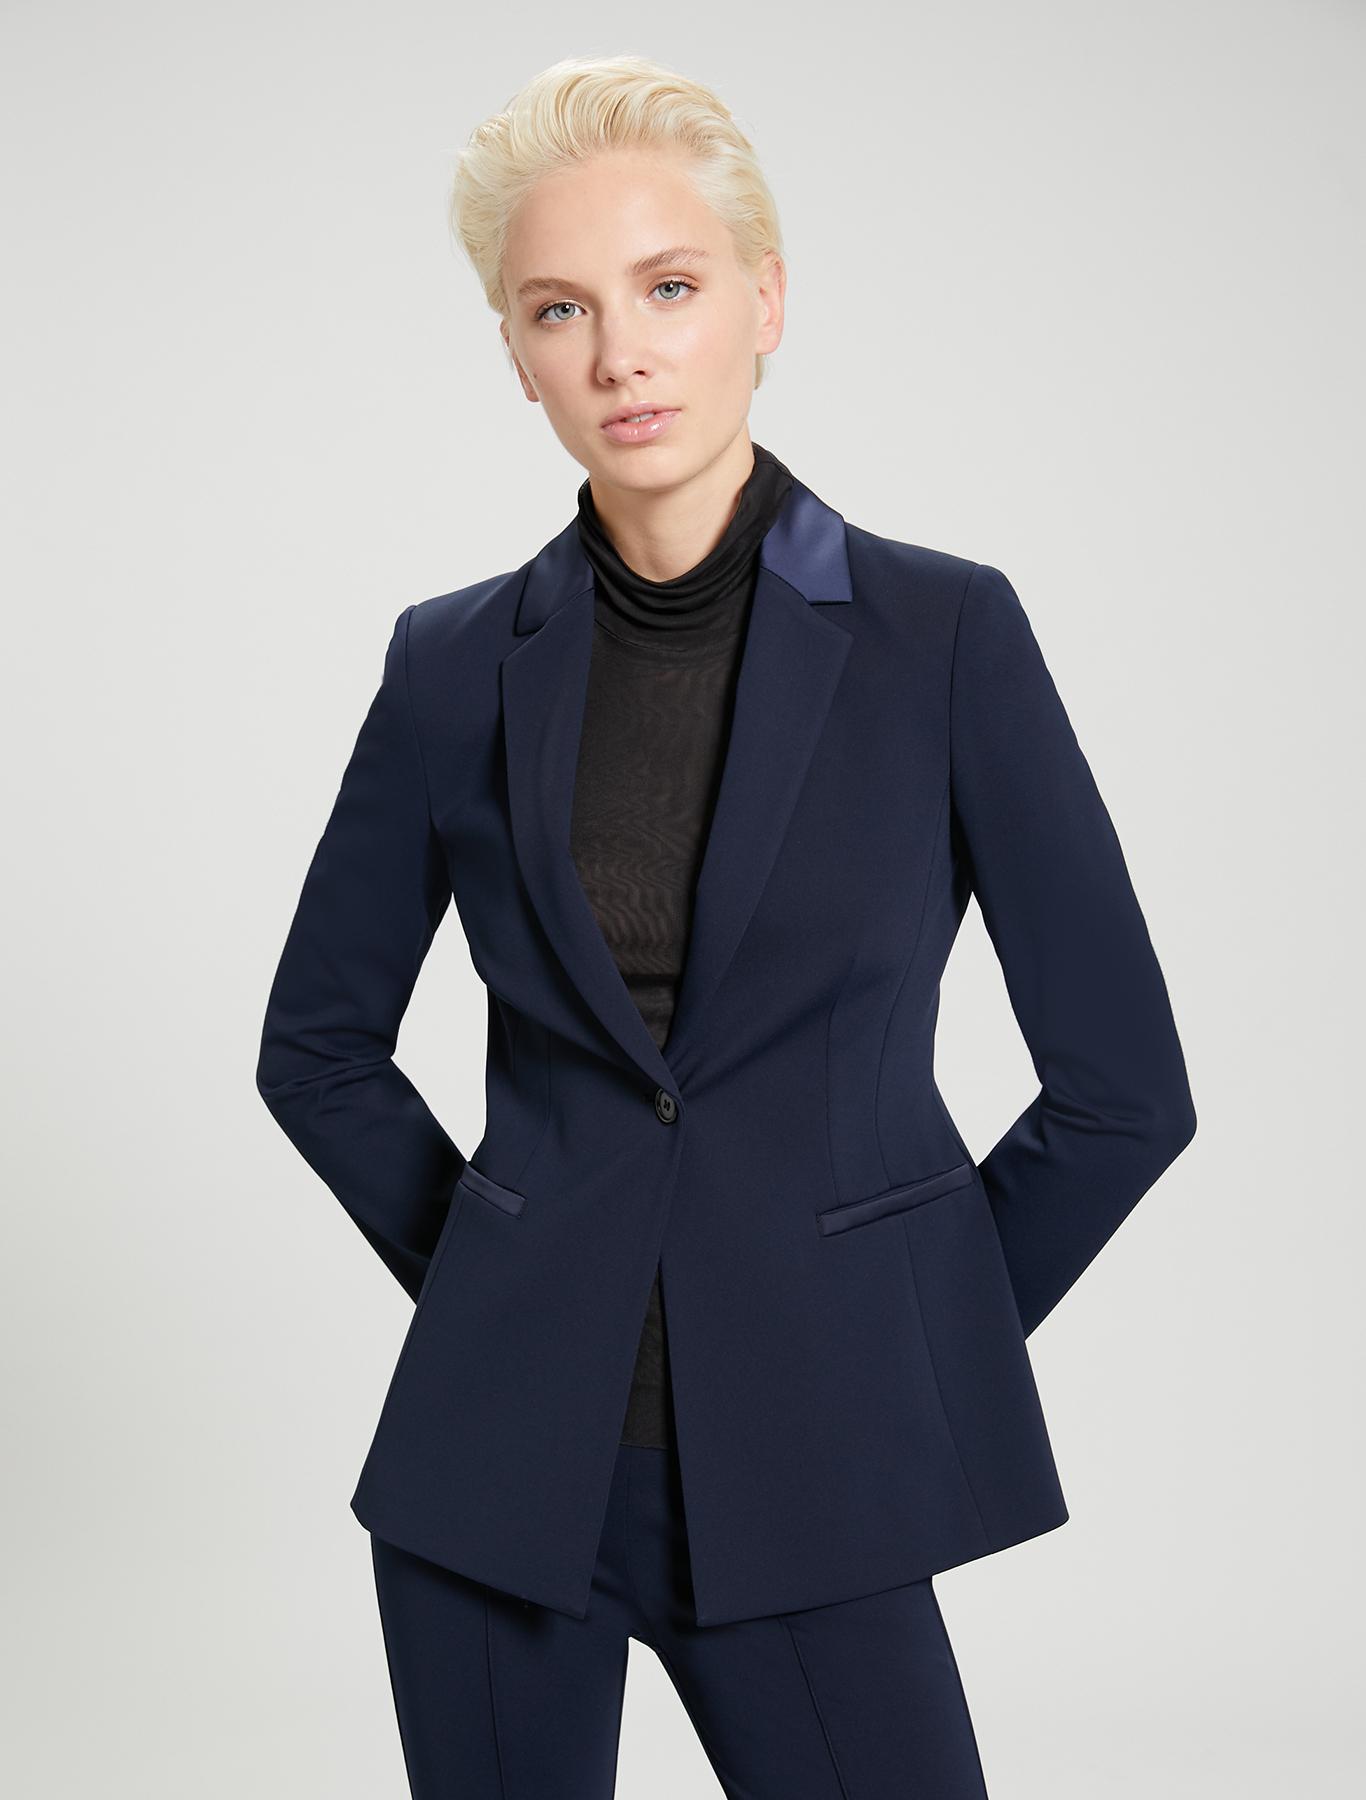 Slim-fit jersey blazer - navy blue - pennyblack